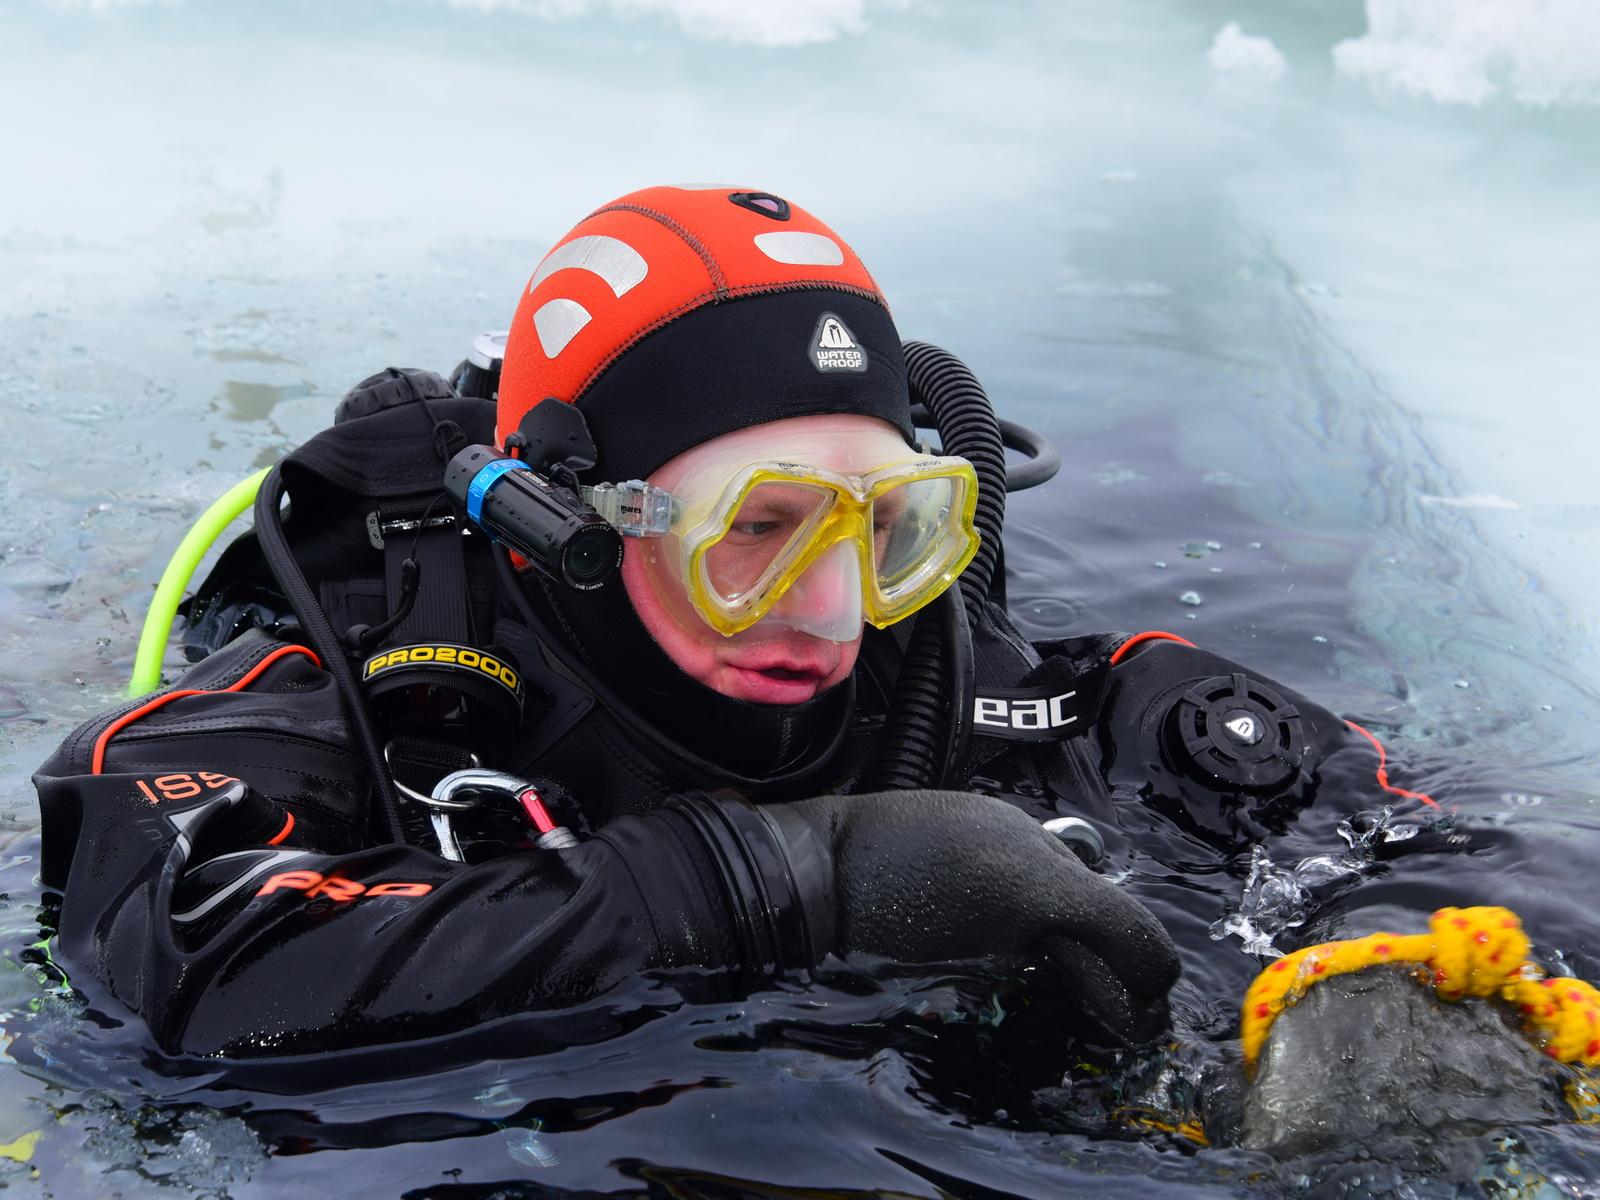 Taucher am Eisloch beim Abtauchen